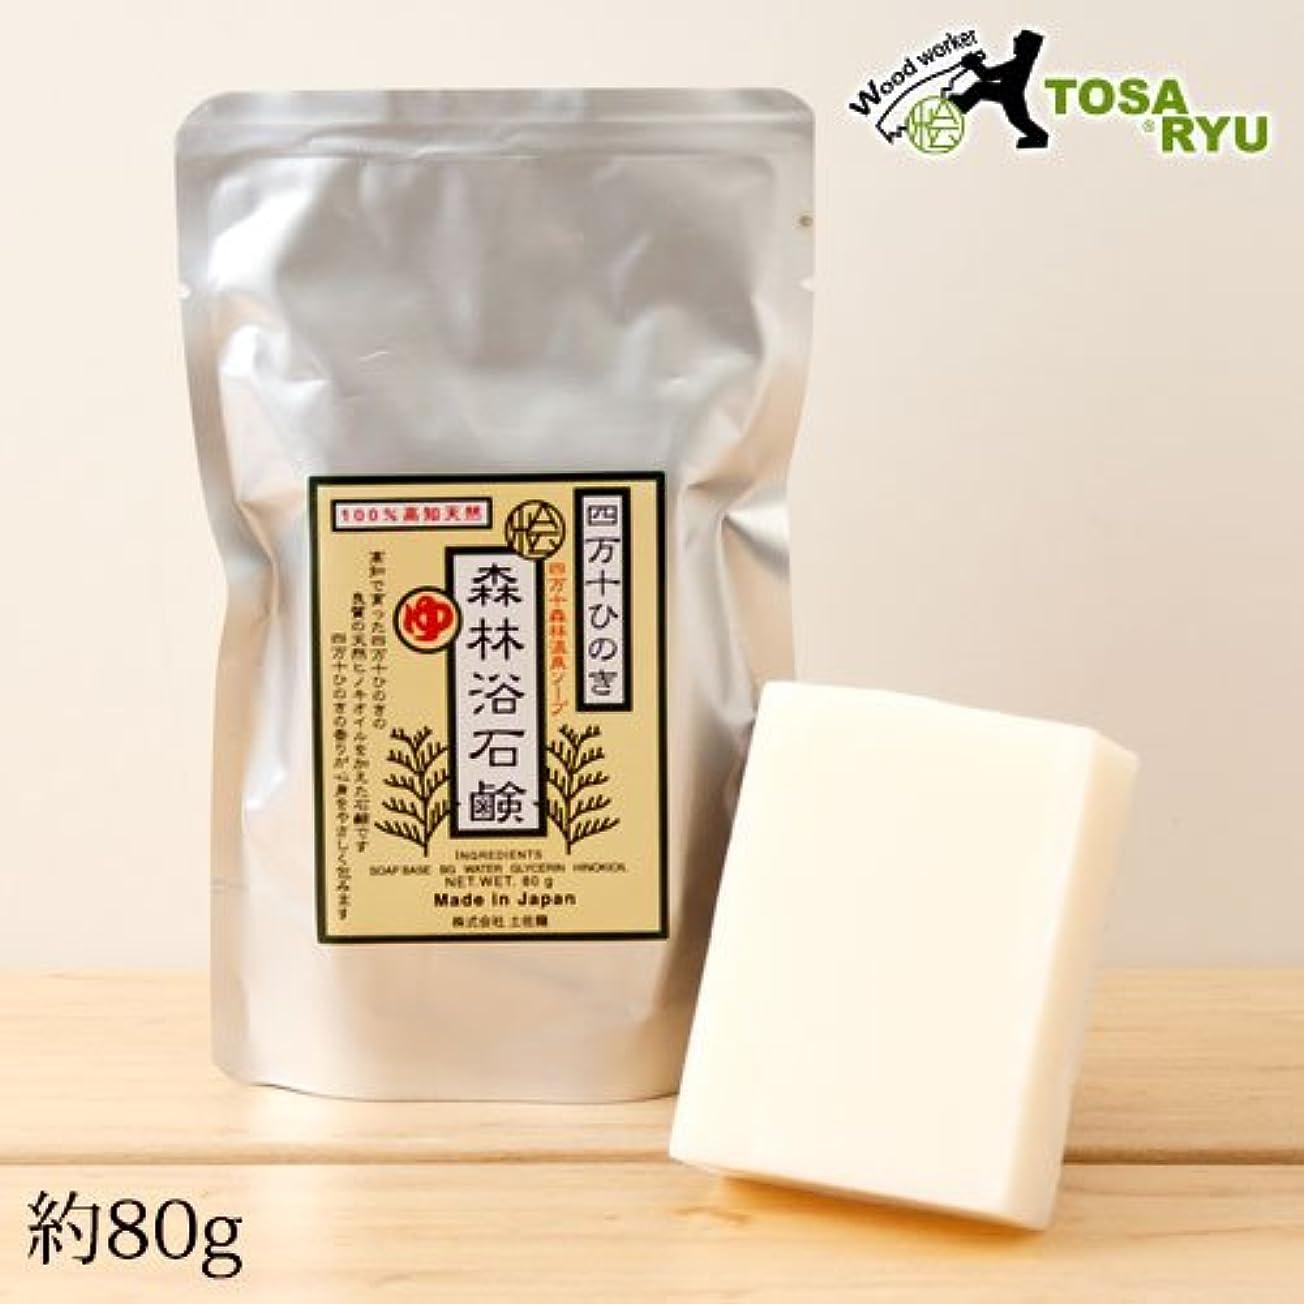 腐敗したチップ厳土佐龍四万十森林温泉石鹸ひのきの香りのアロマソープ高知県の工芸品Aroma soap scent of cypress, Kochi craft